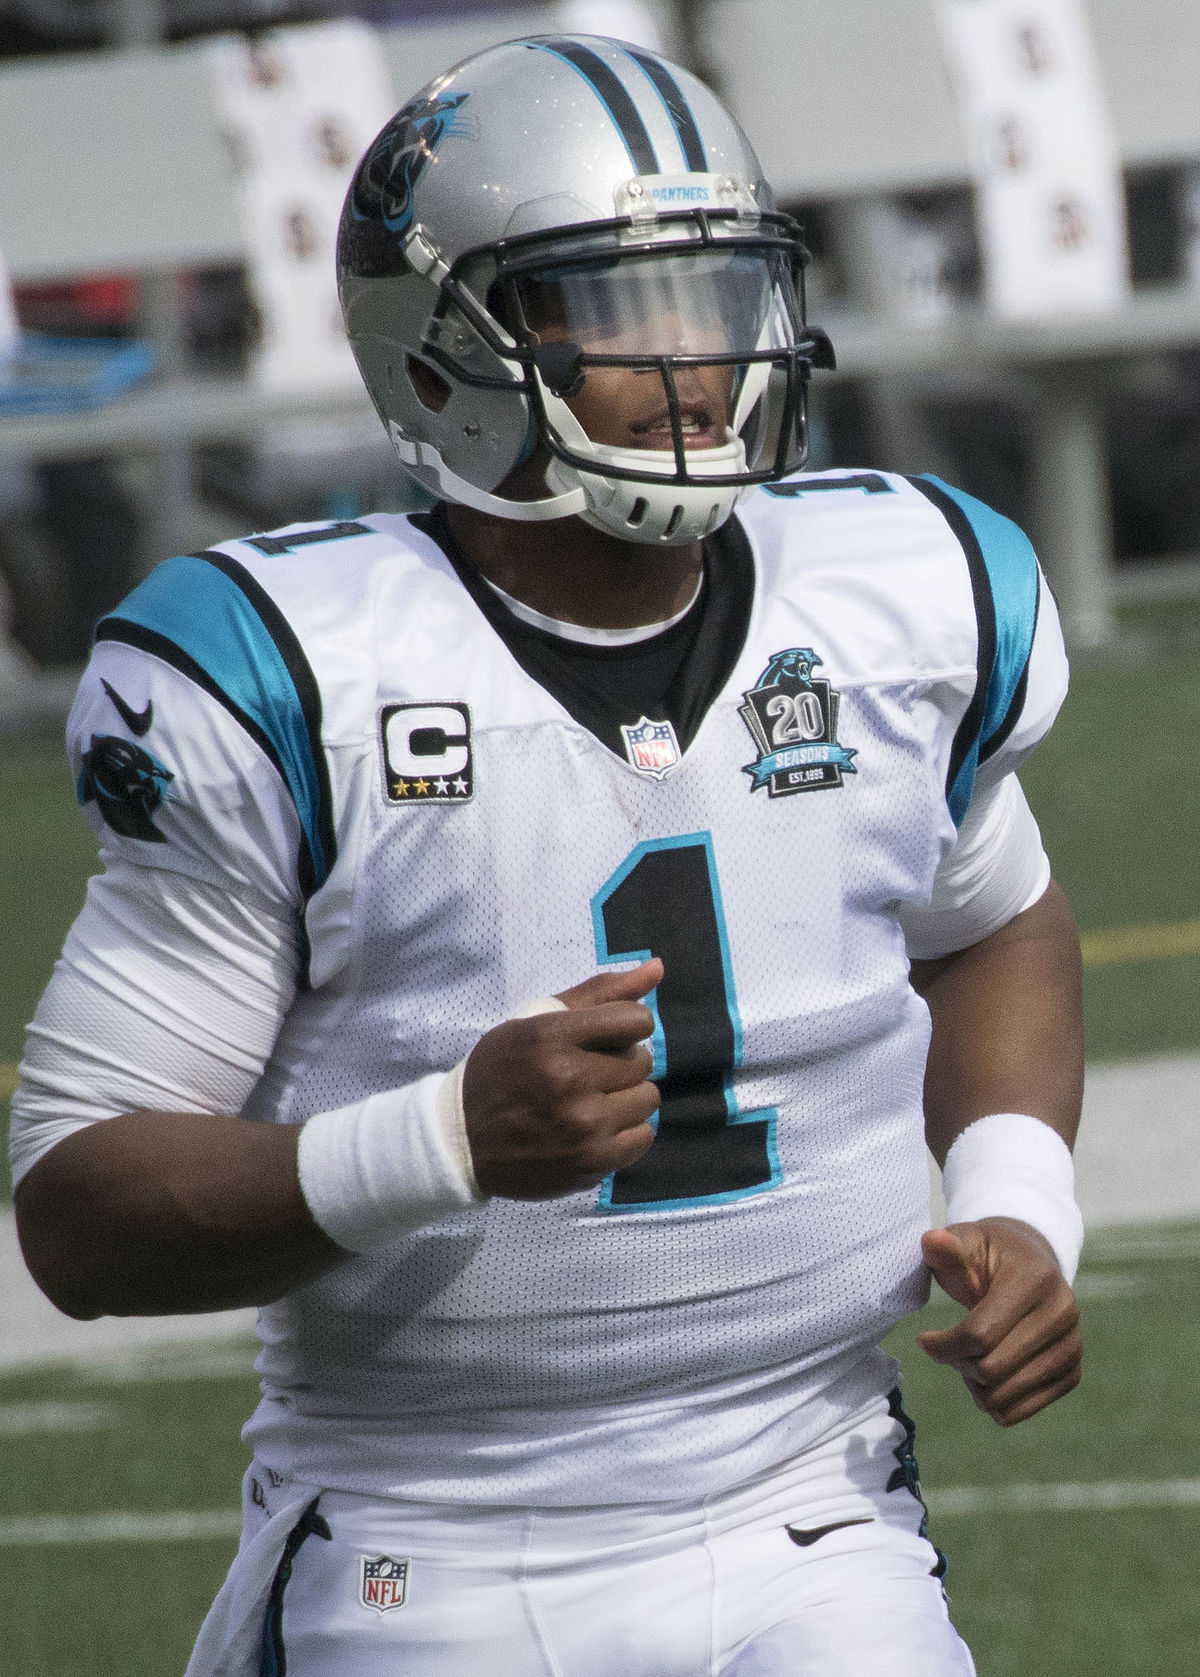 Carolina Panthers starting quarterbacks